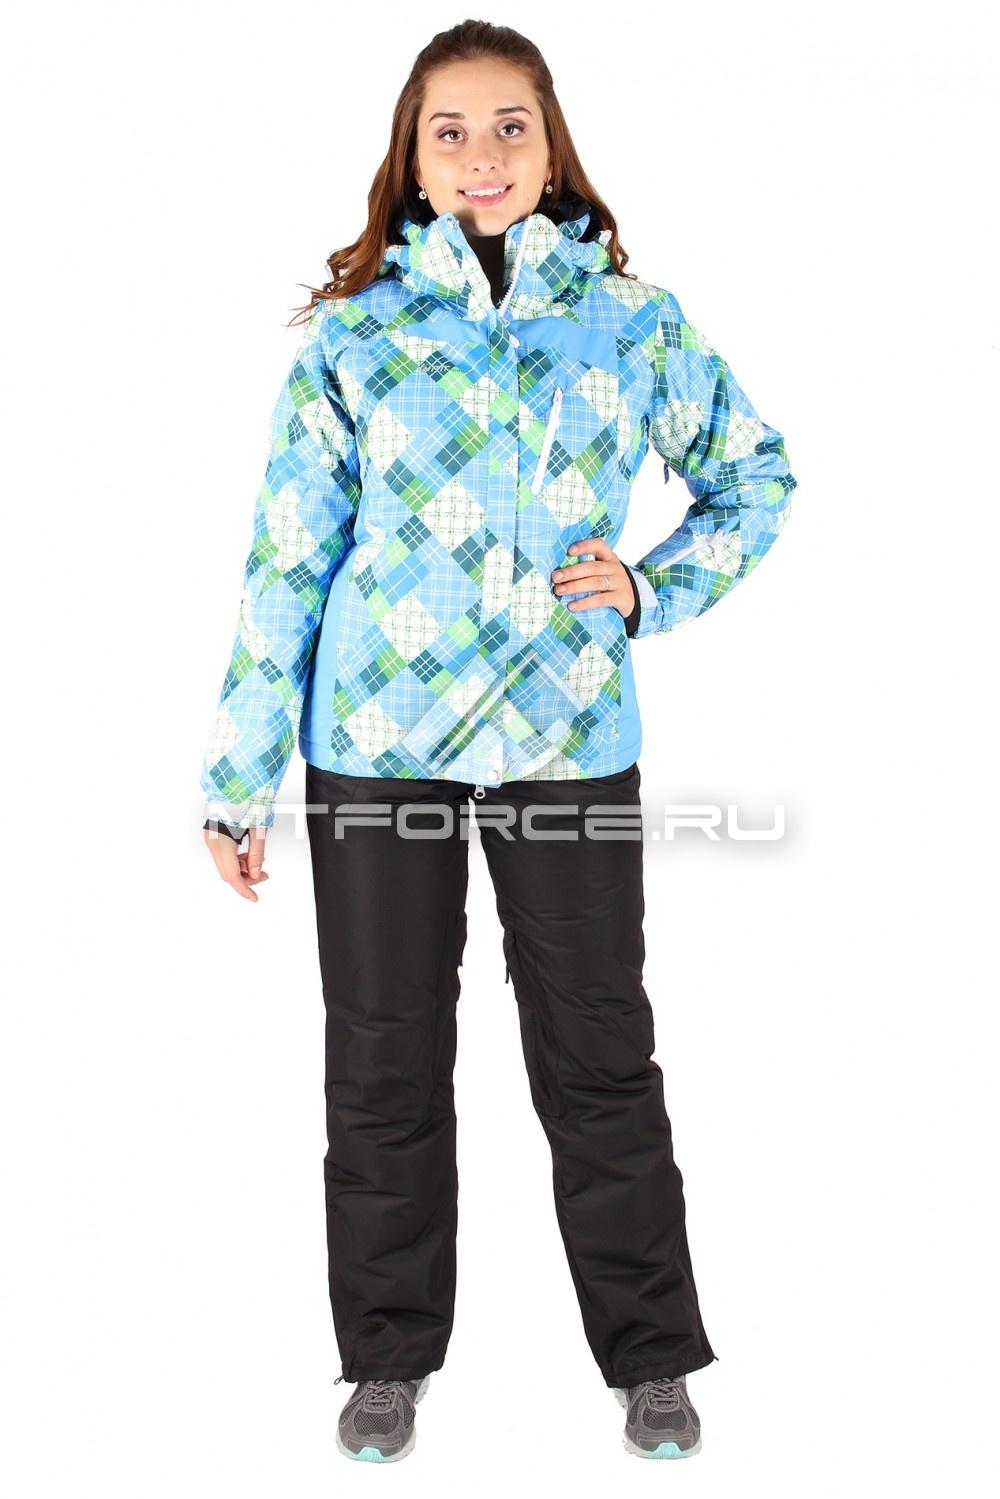 Купить                                  оптом Костюм горнолыжный женский голубого цвета 01431G